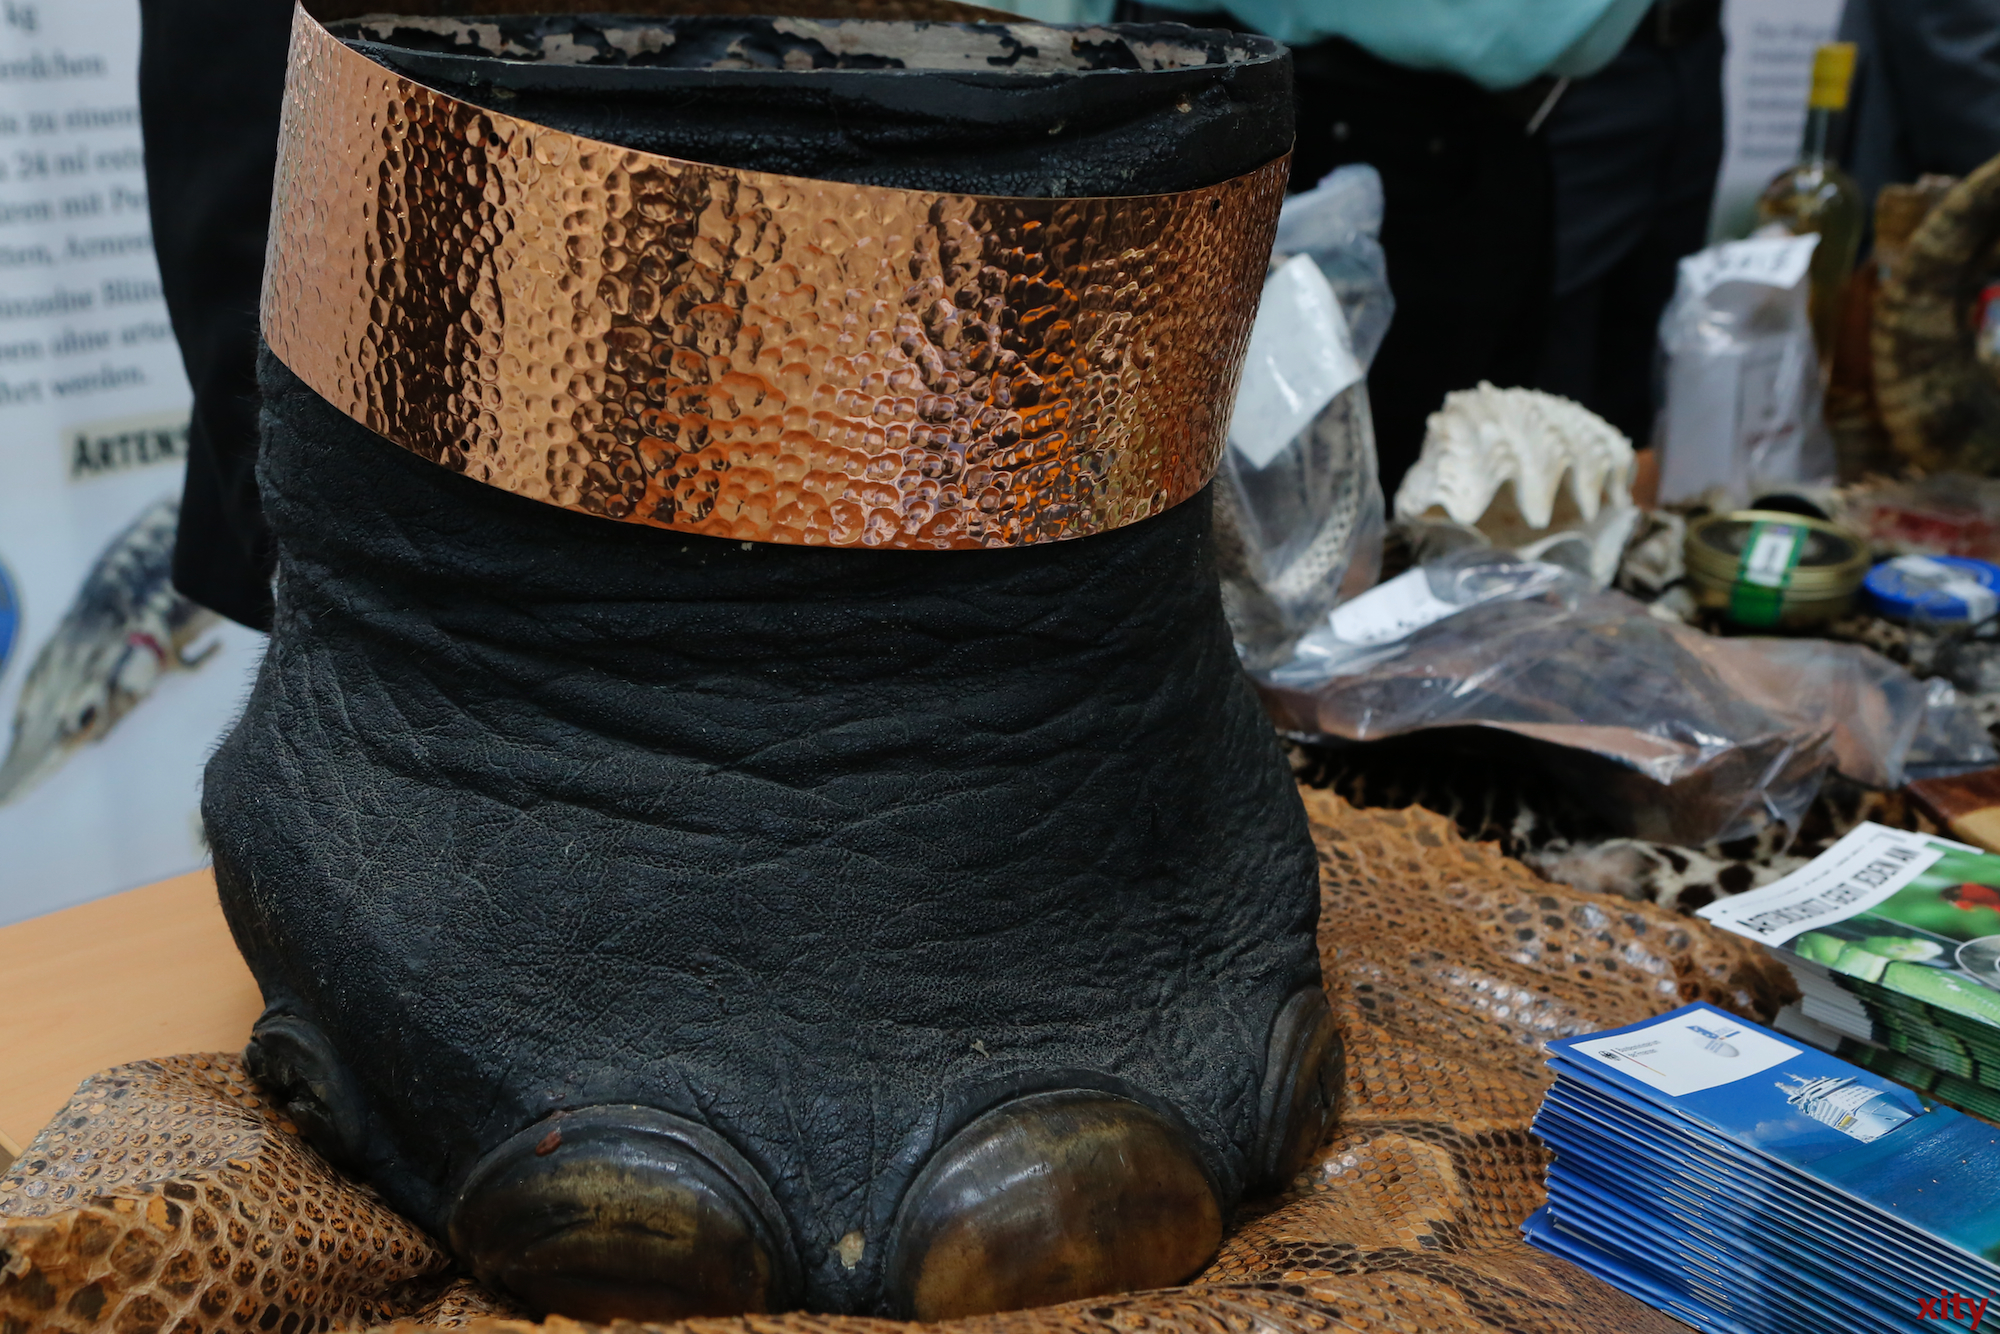 Dieser Elefantenfuß wurde ausgehölt und als Mülleimer Verwendet (Foto: xity)